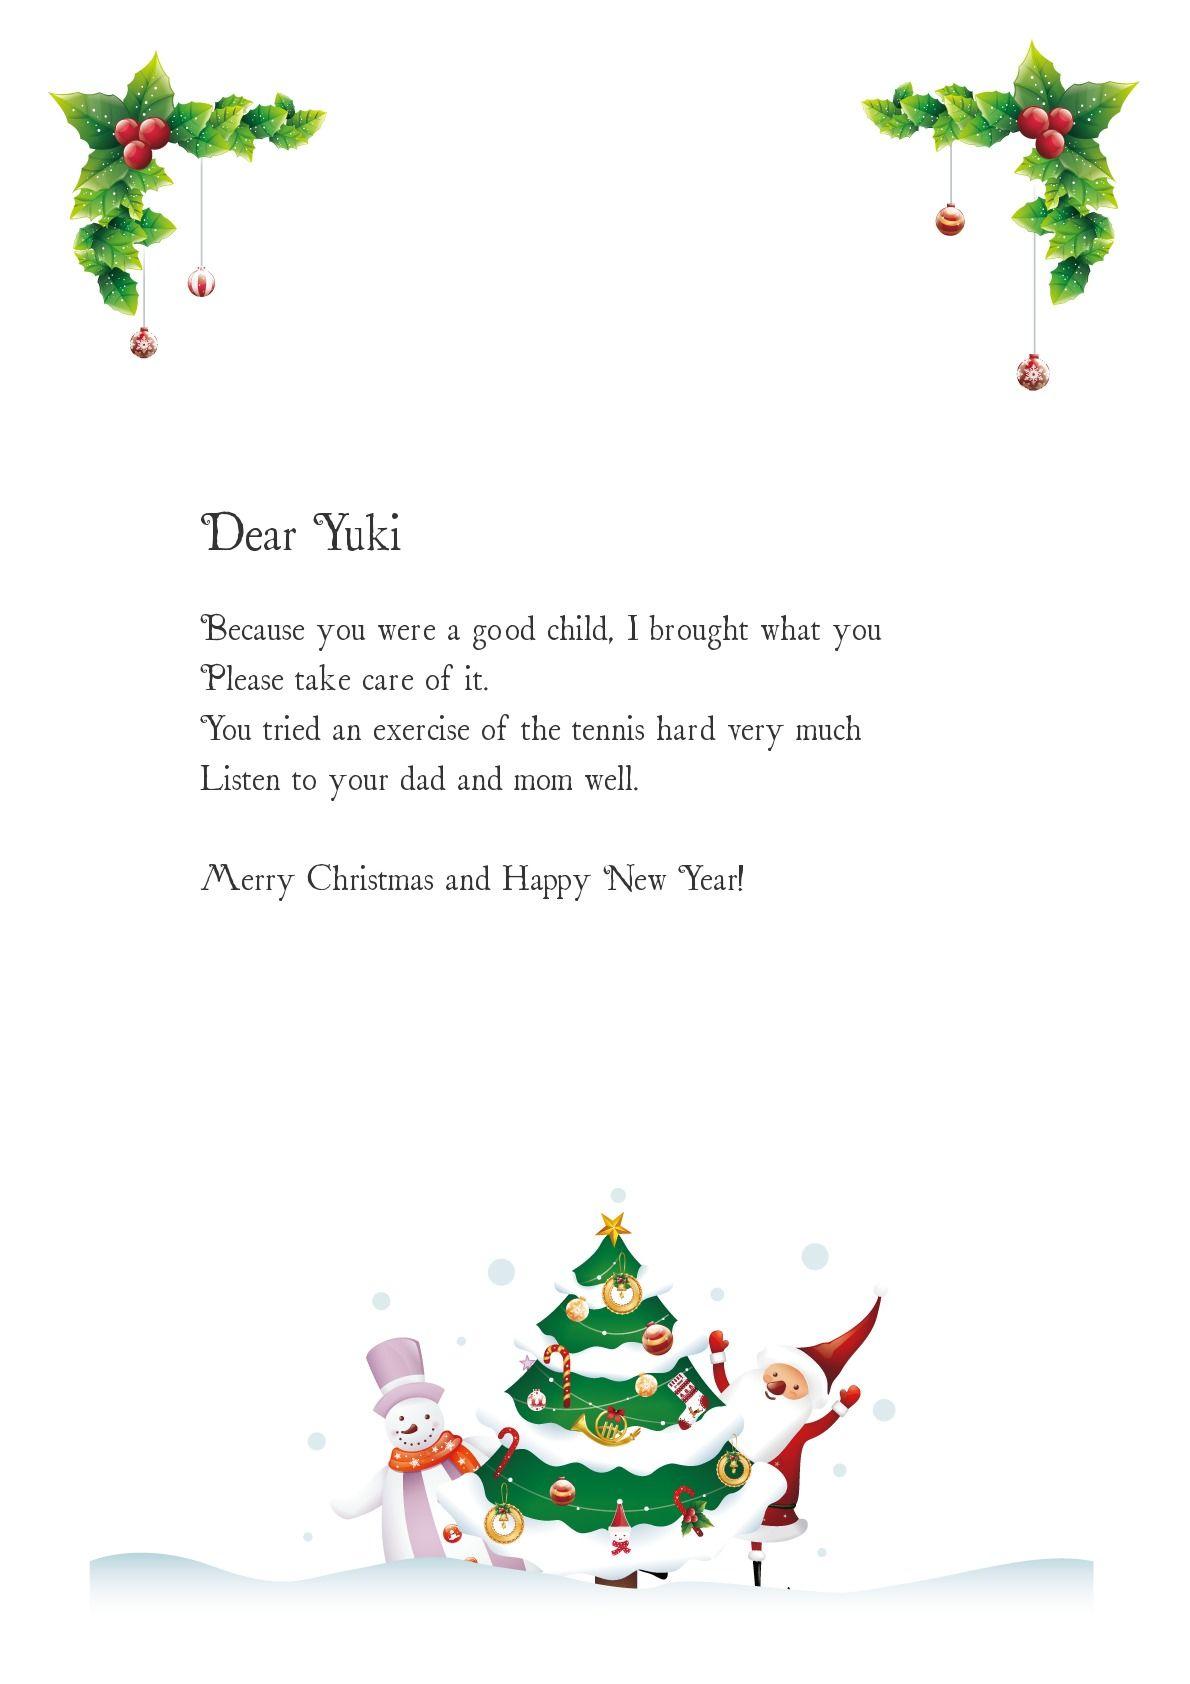 サンタレターメーカー 無料で手作りサンタさんからの手紙